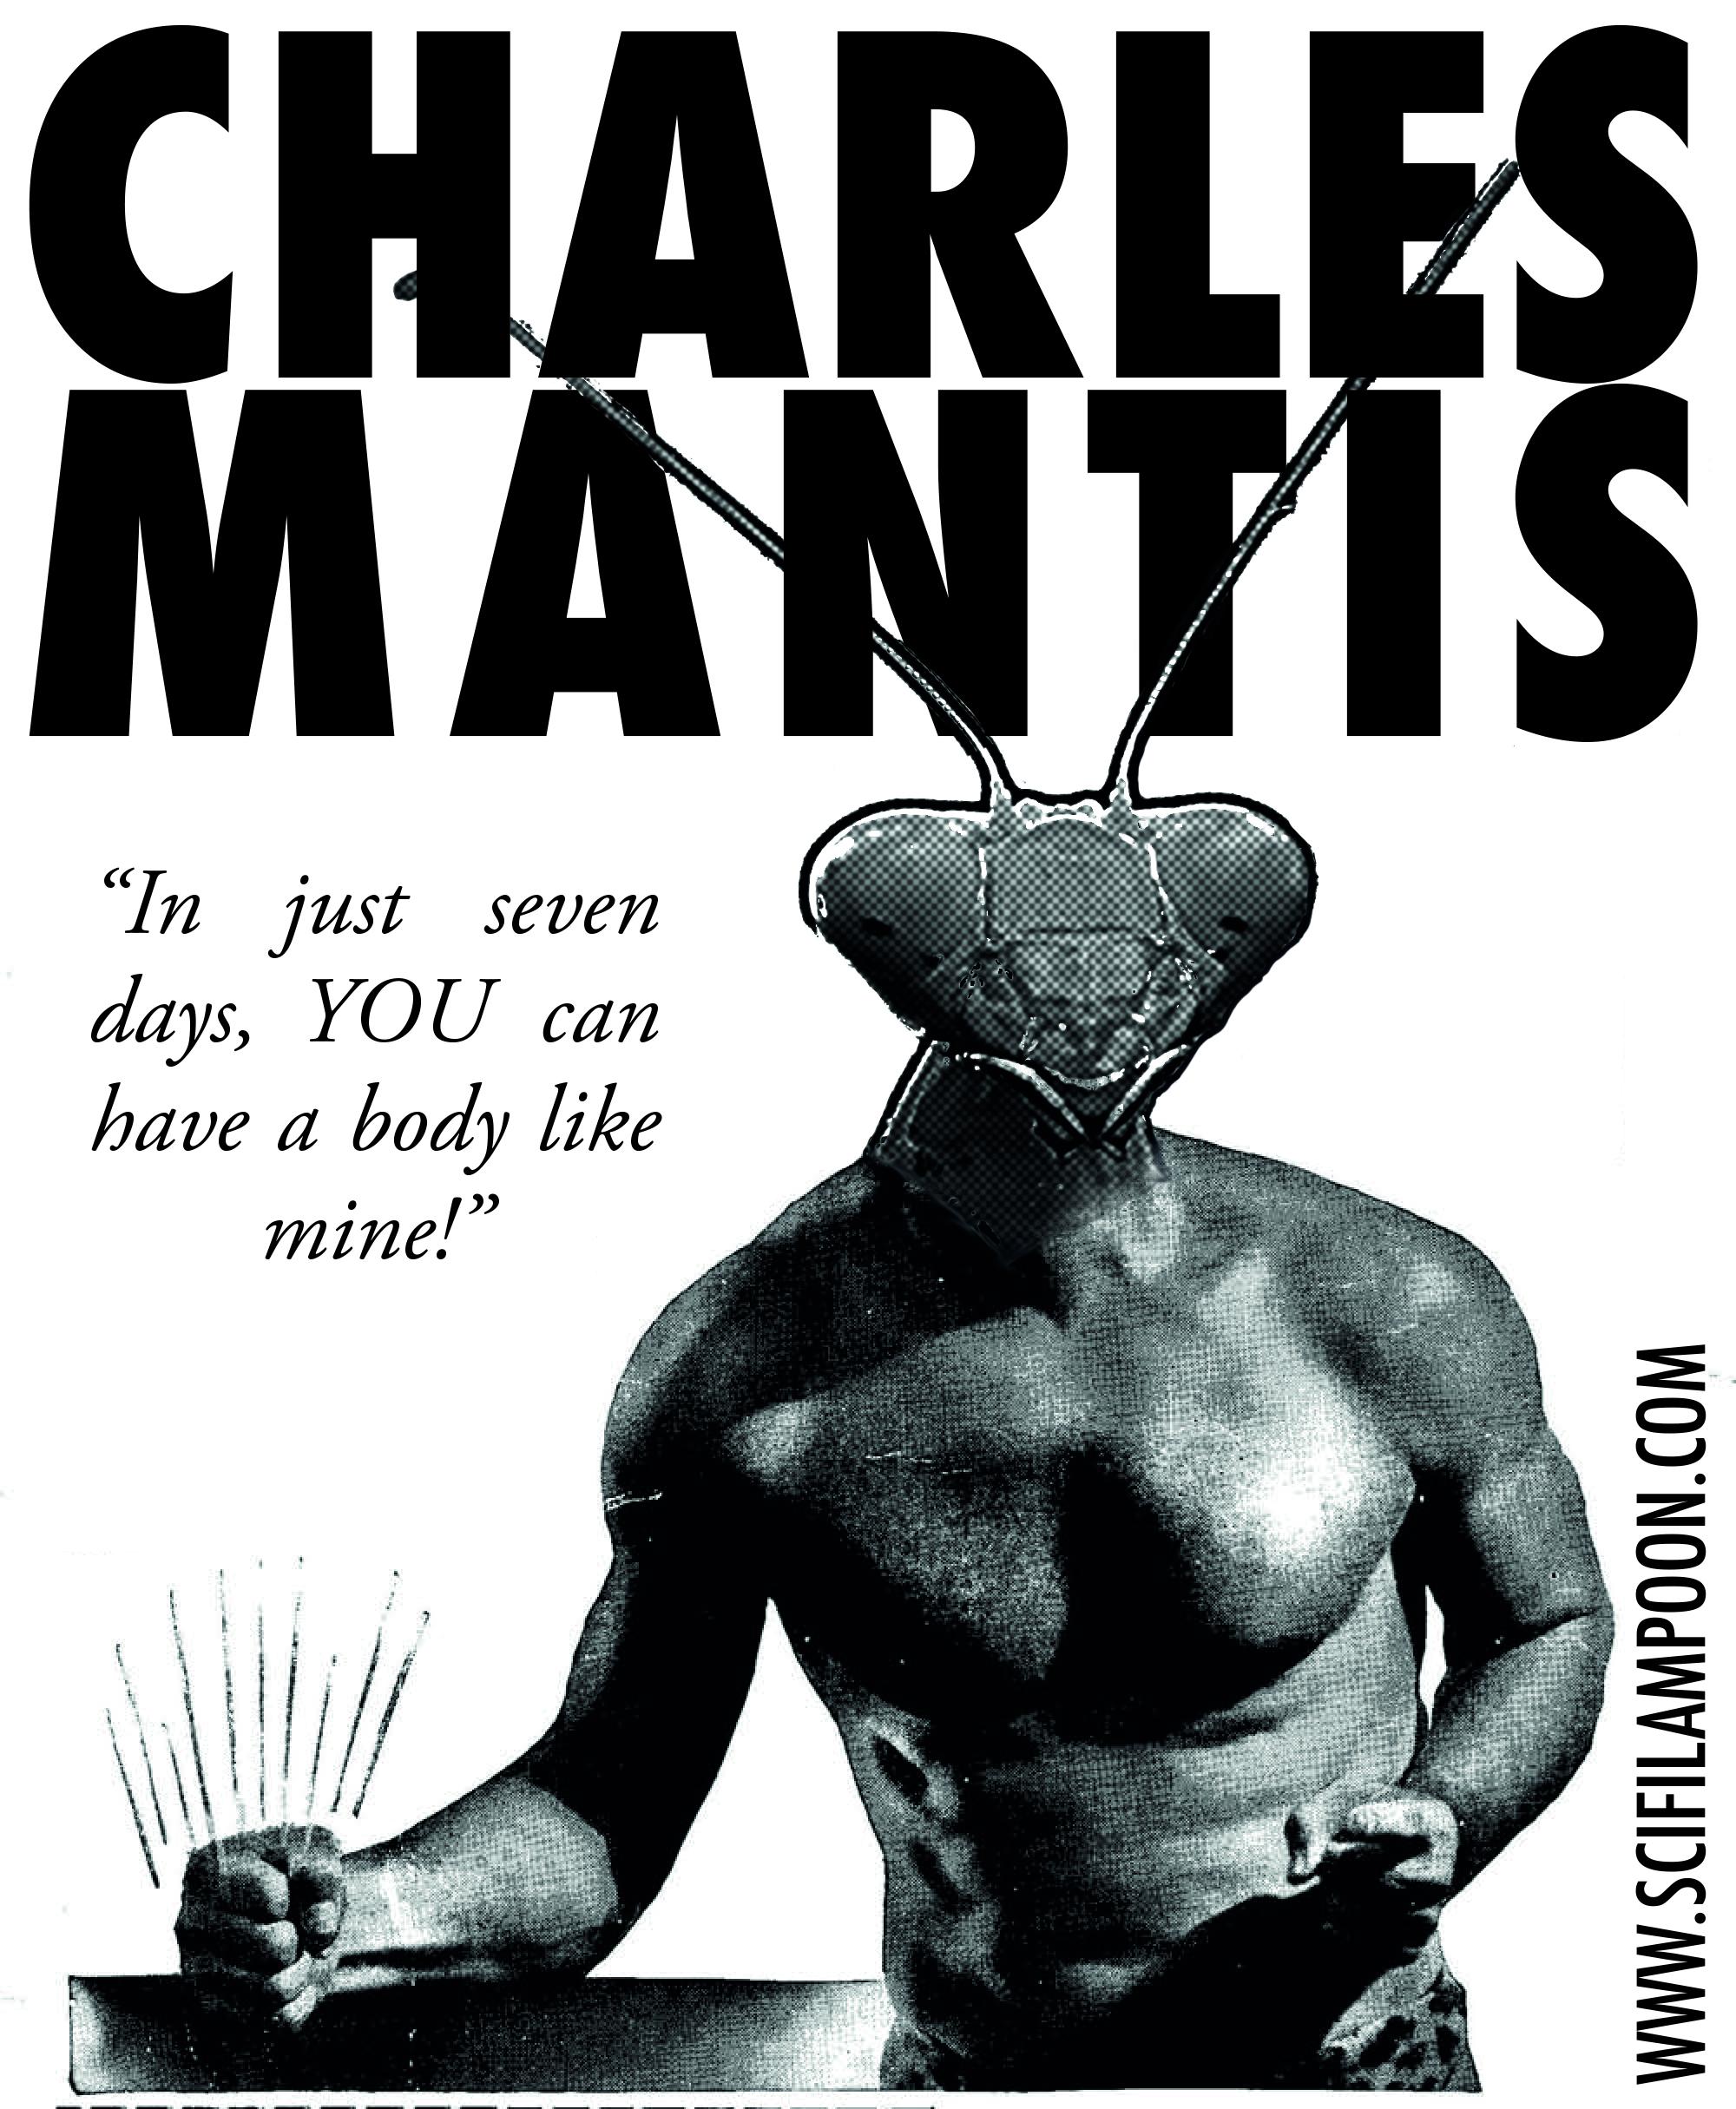 Charles Mantis!